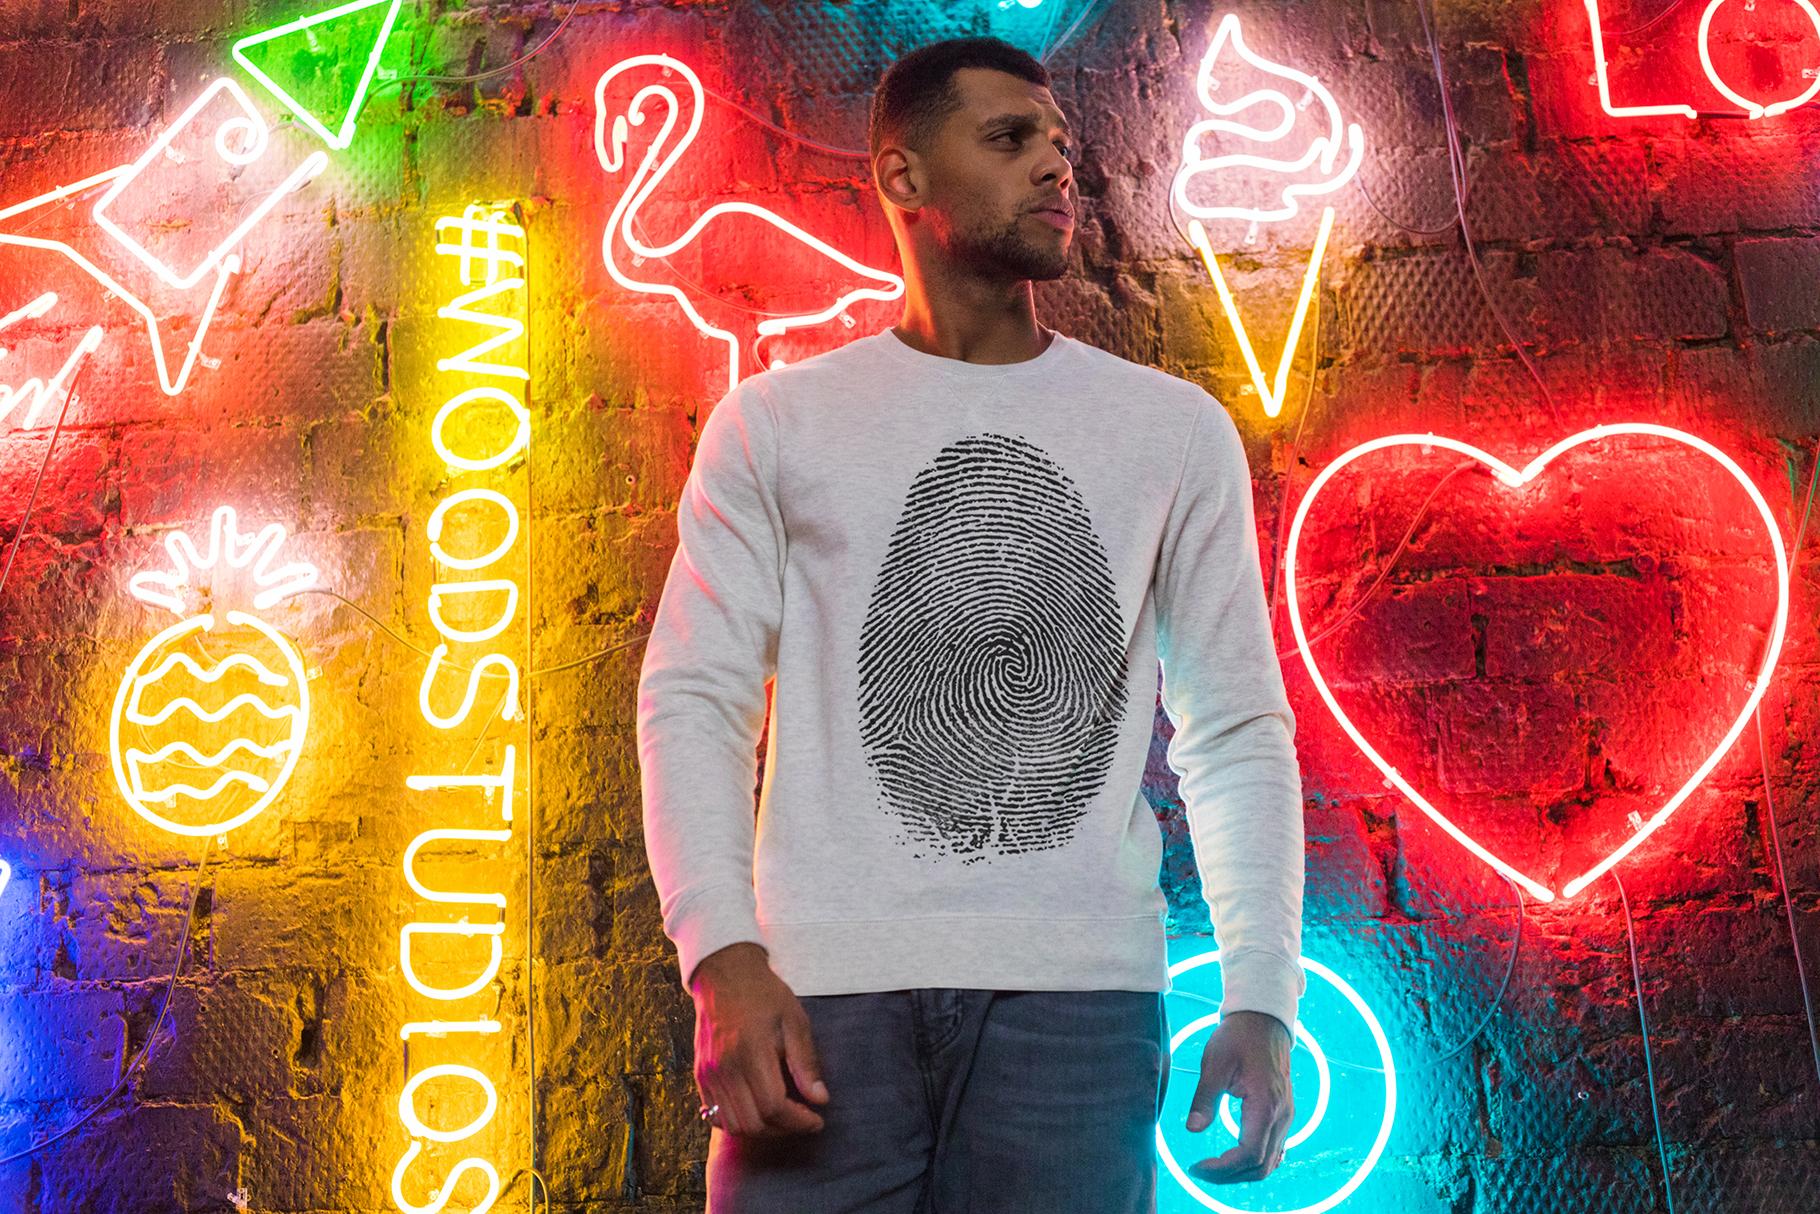 Sweatshirt Mock-Up 2018 #33 example image 9